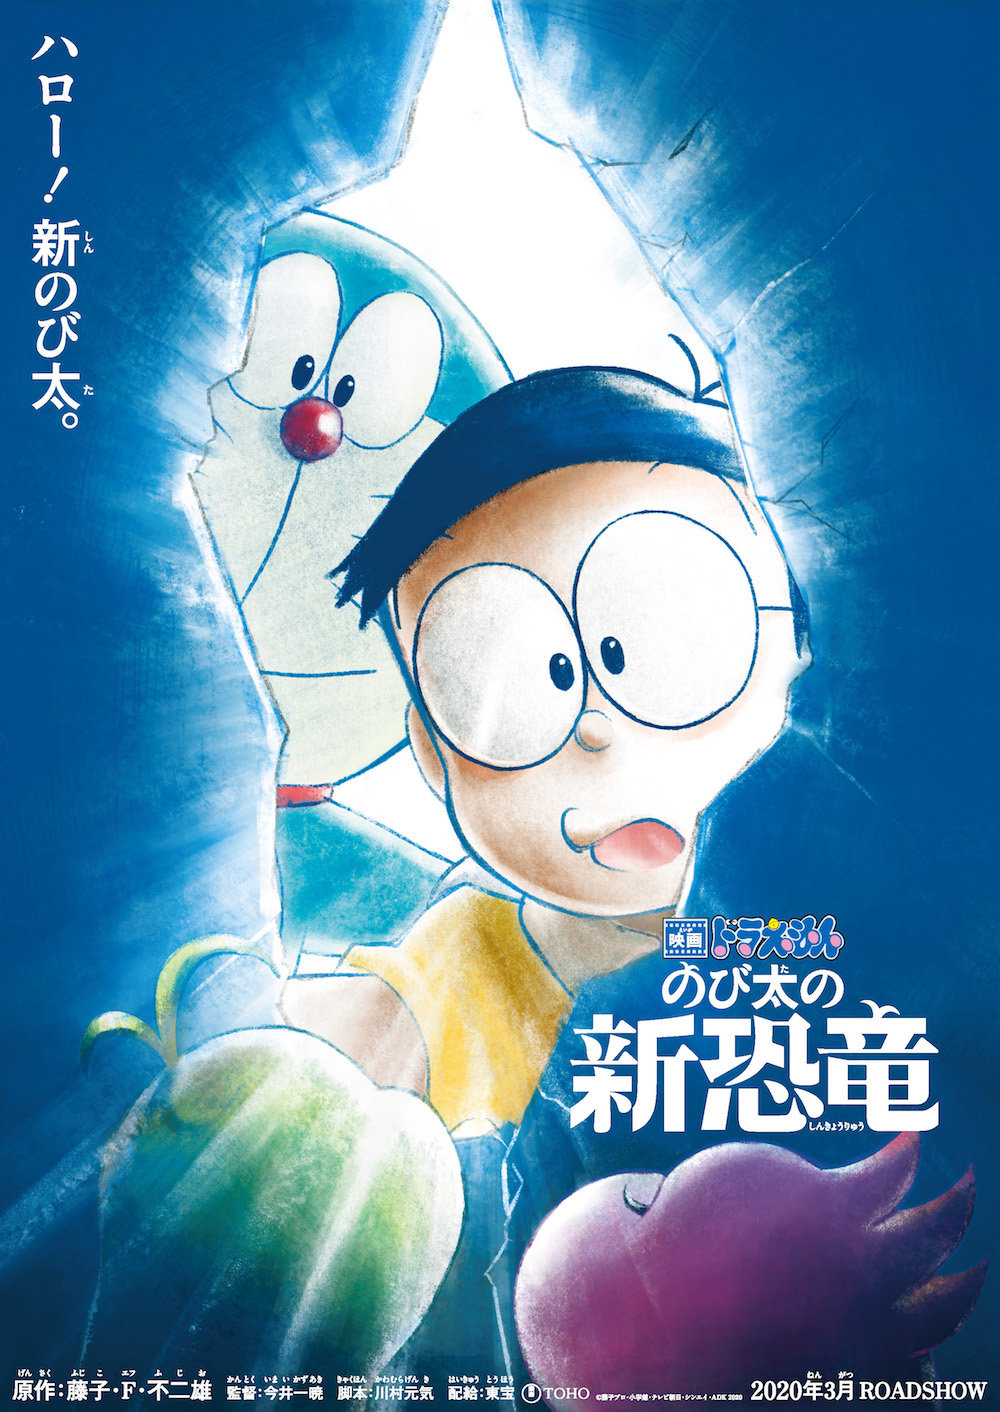 โดราเอมอน ไดโนเสาร์ตัวใหม่ของโนบิตะ   Doraemon Thai Wiki   Fandom